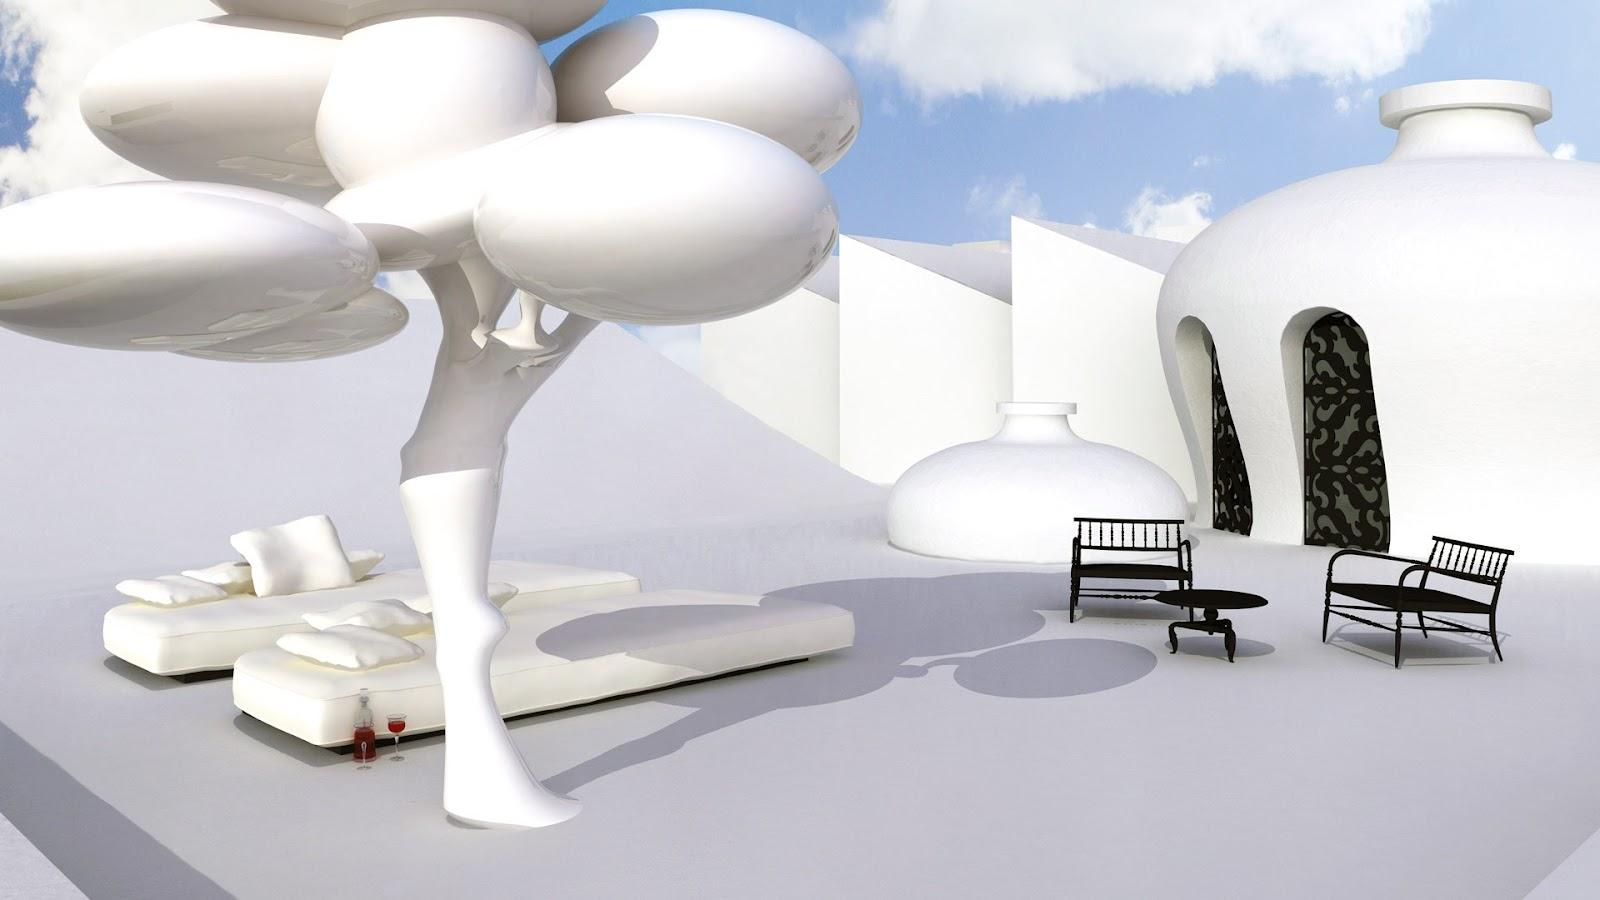 Proyek arsitektur dan interior oleh Marcel Wanders untuk klien pribadi di Jakarta -  source: marcelwanders.com